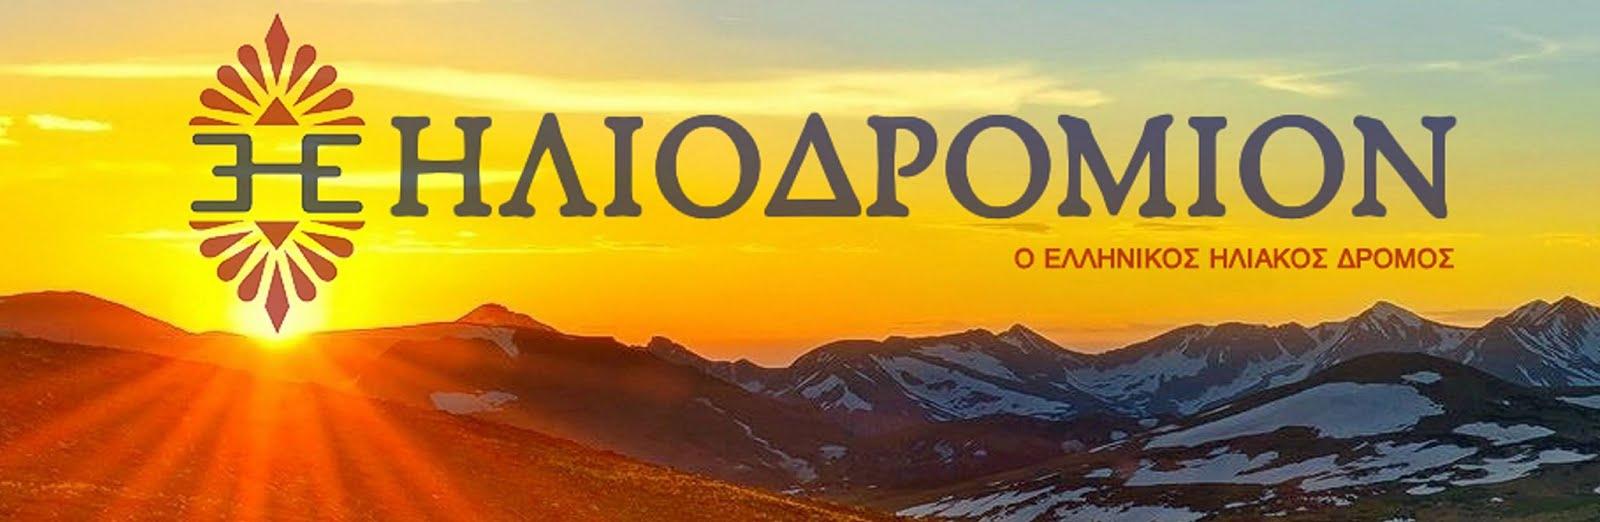 ΛΥΓΚΕΥΣ- ΔΙΑΔΙΚΤΥΑΚΟΣ ΔΙΑΥΛΟΣ